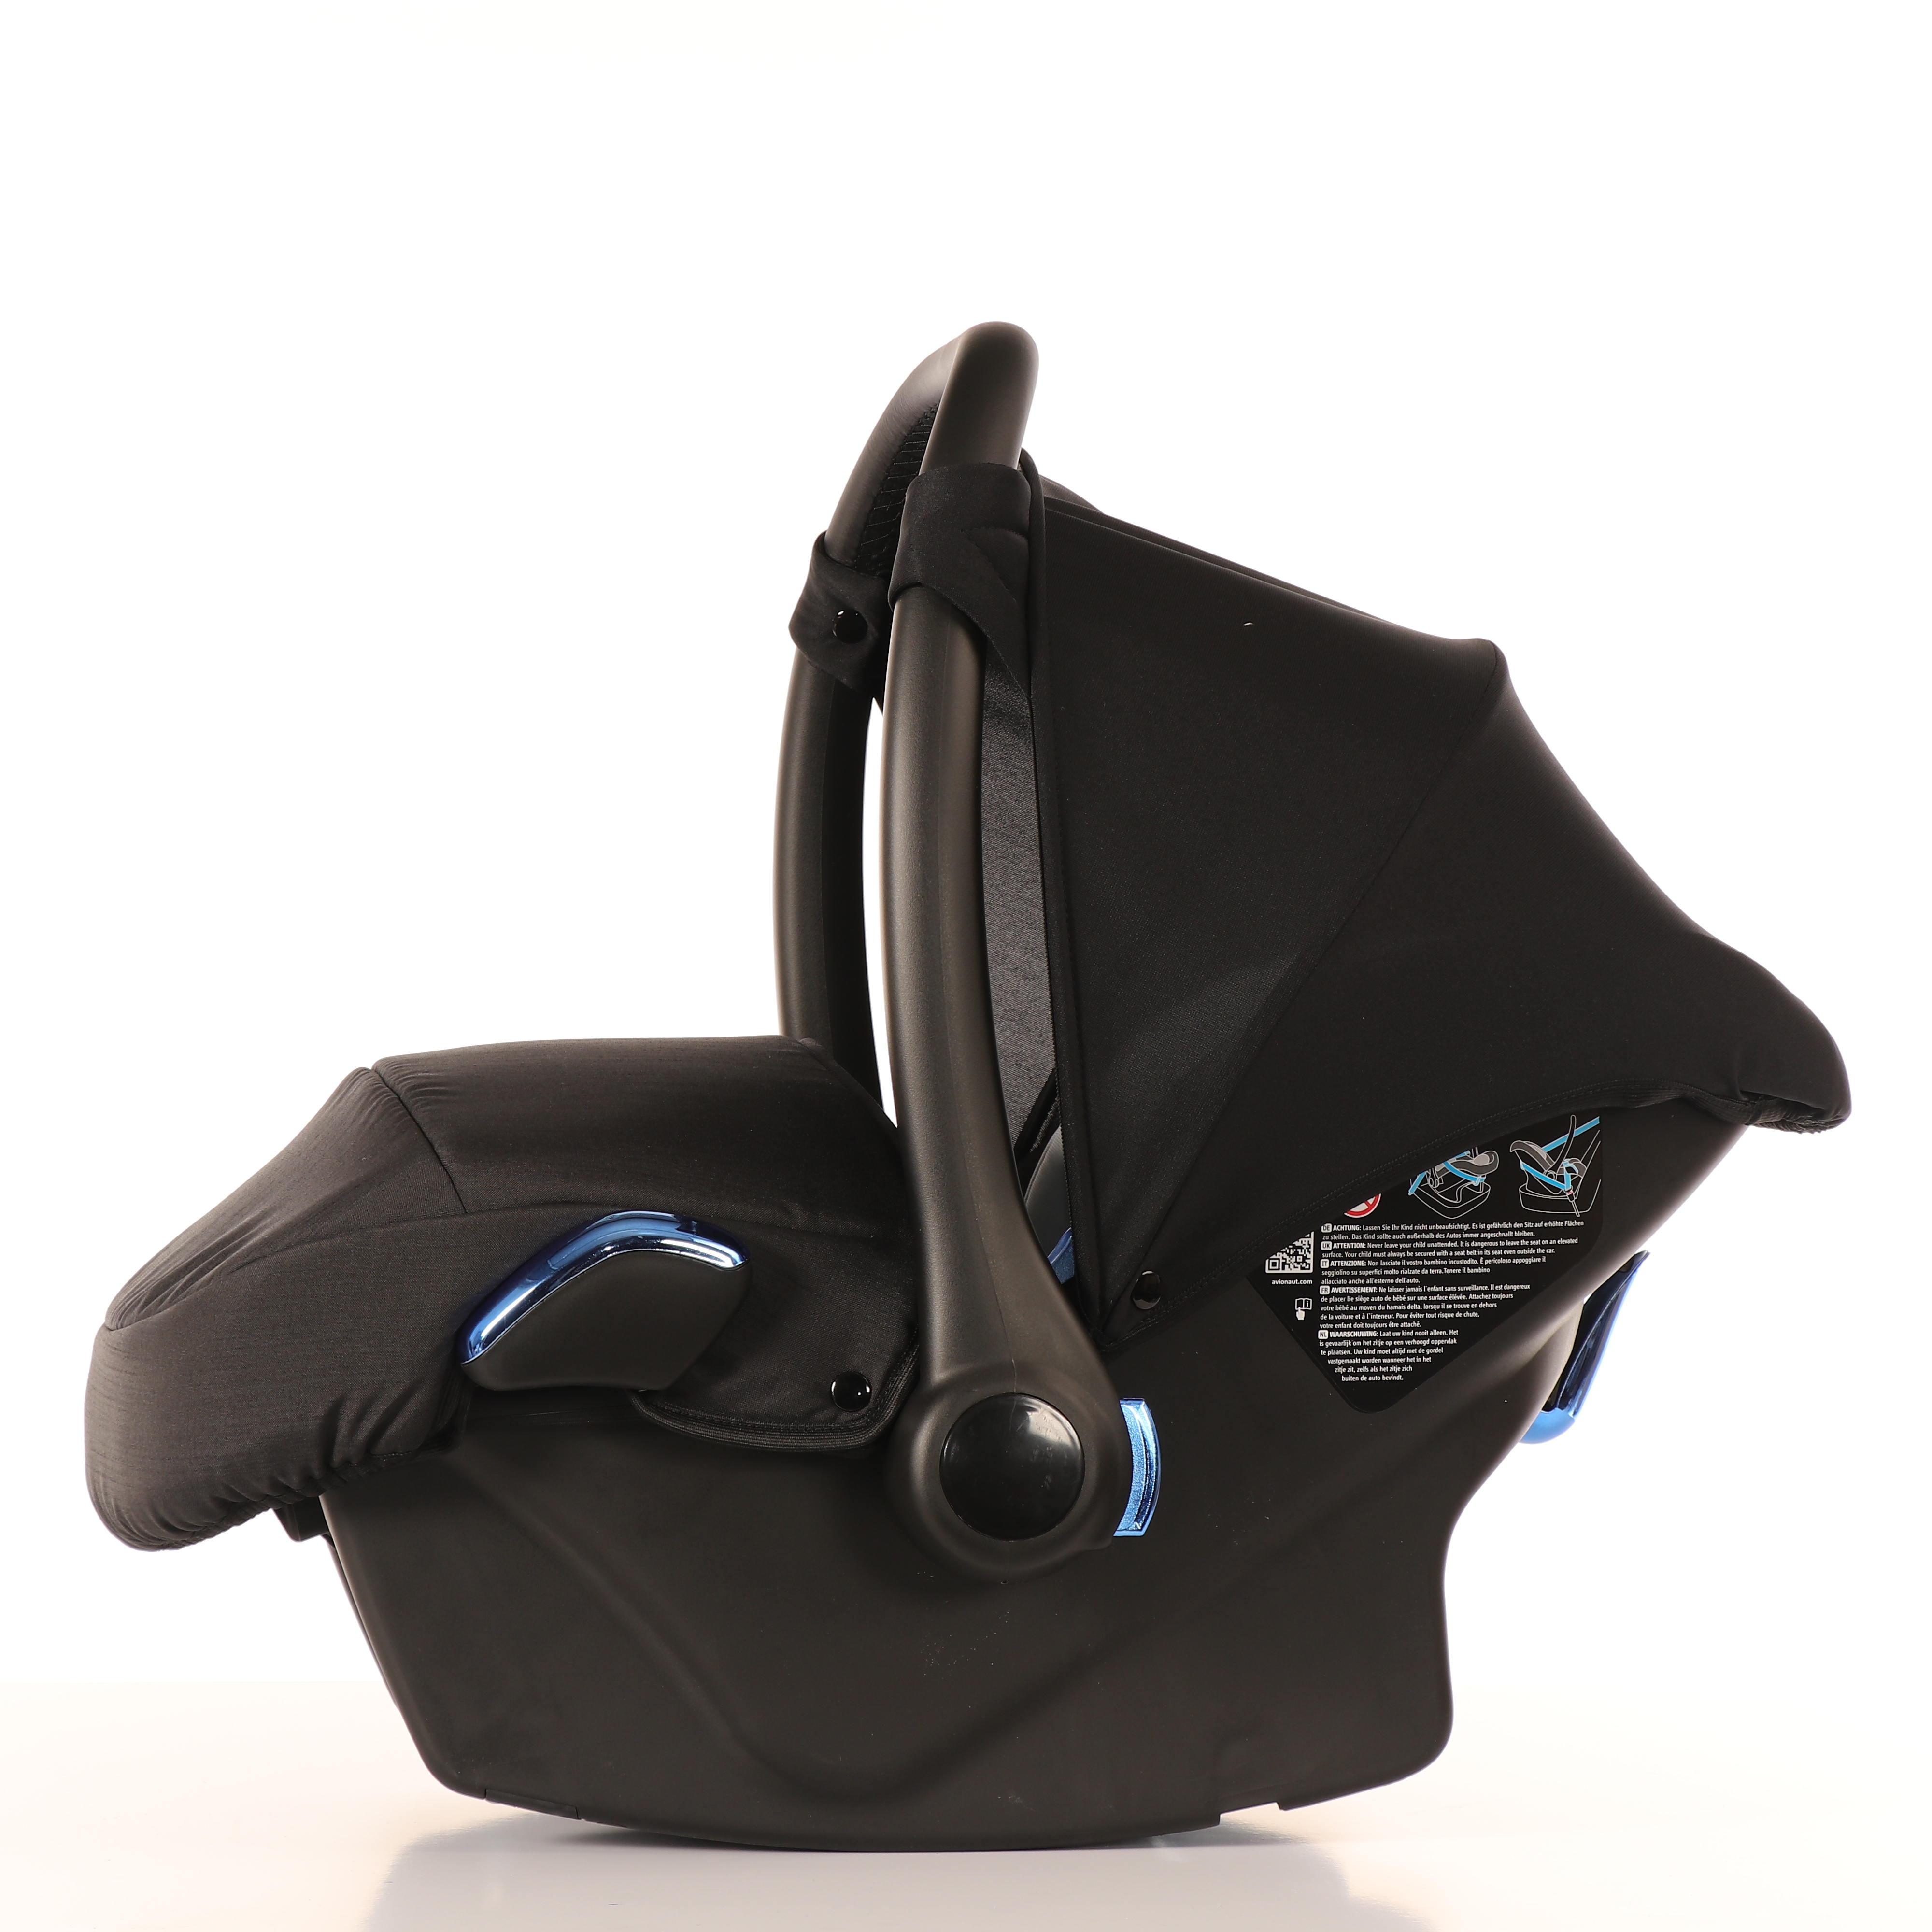 fotelik samochodowy wózka dziecięcego Individual Junama 3w1